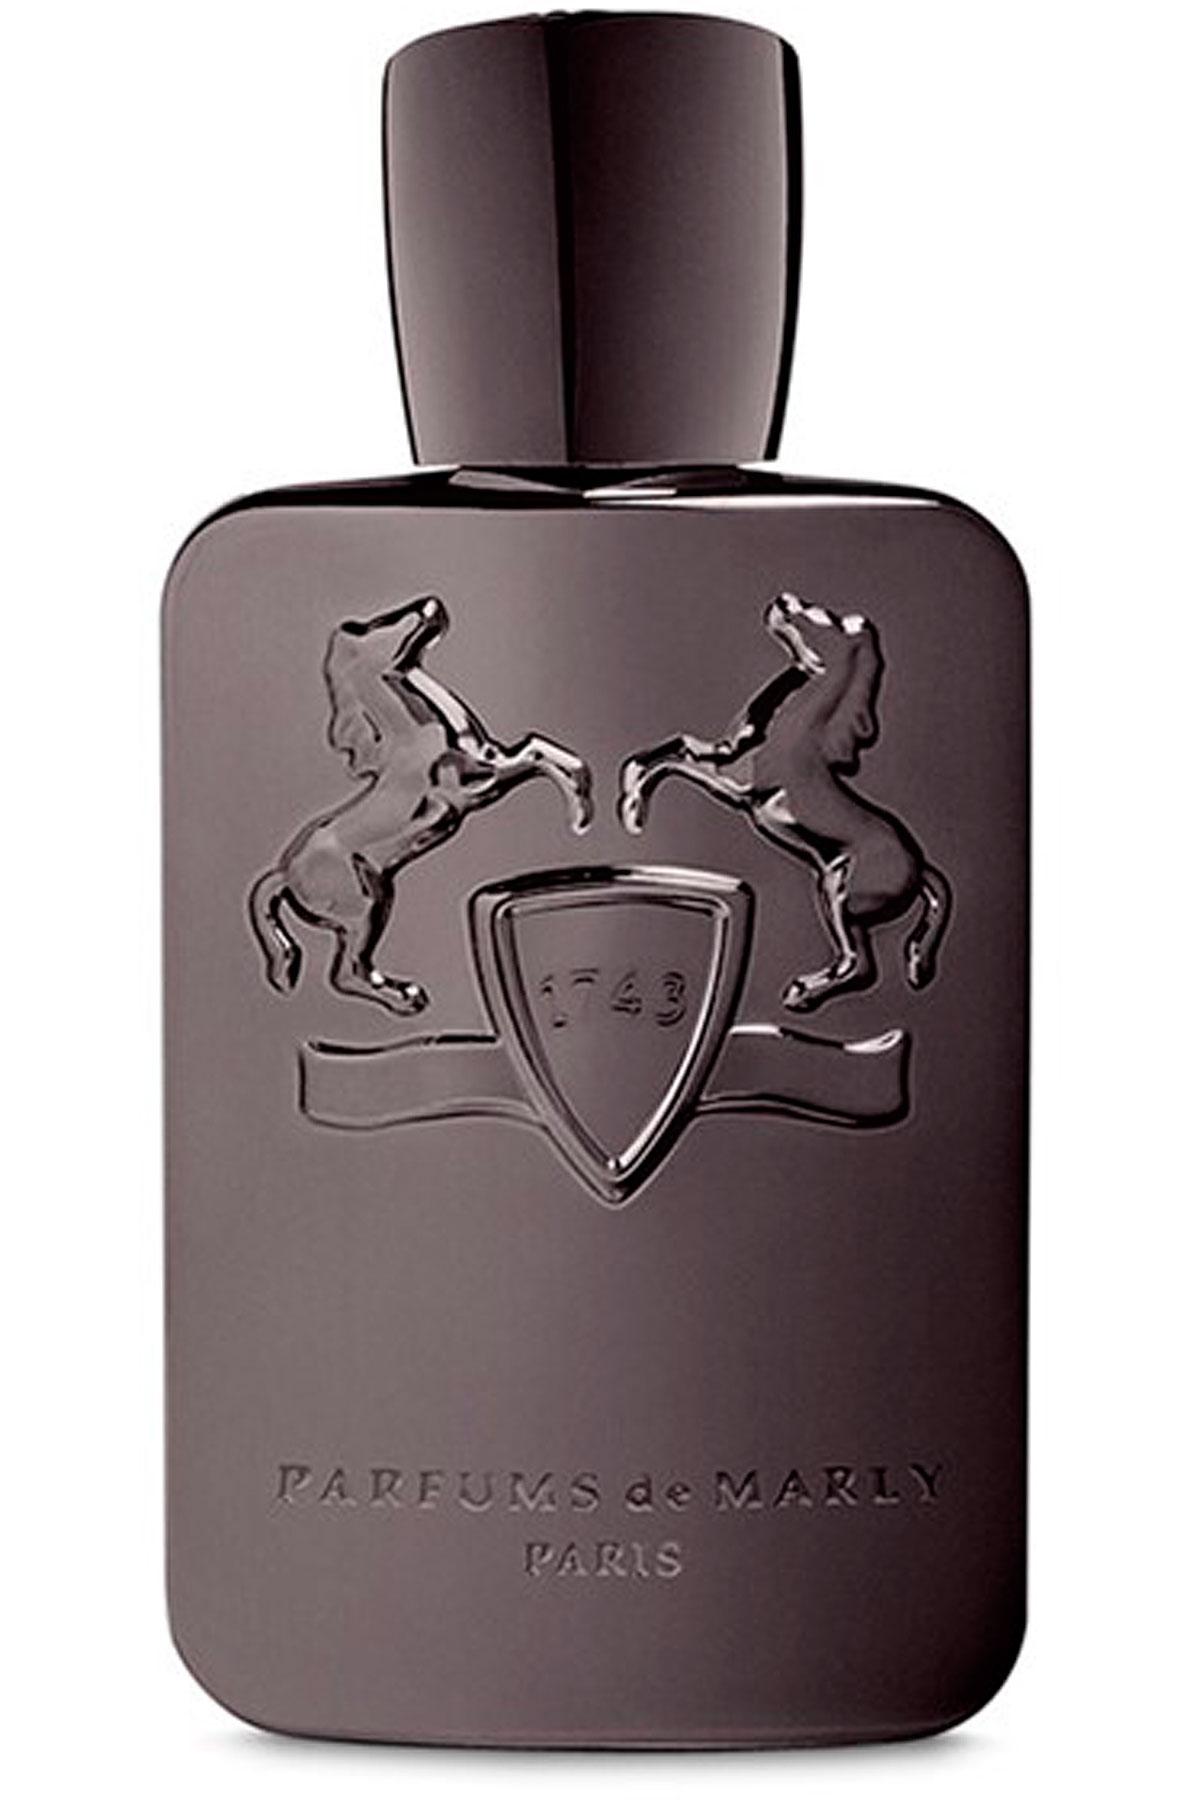 Parfums de Marly Fragrances for Men, Herod - Eau De Parfum - 75-125 Ml, 2019, 75 ml 125 ml